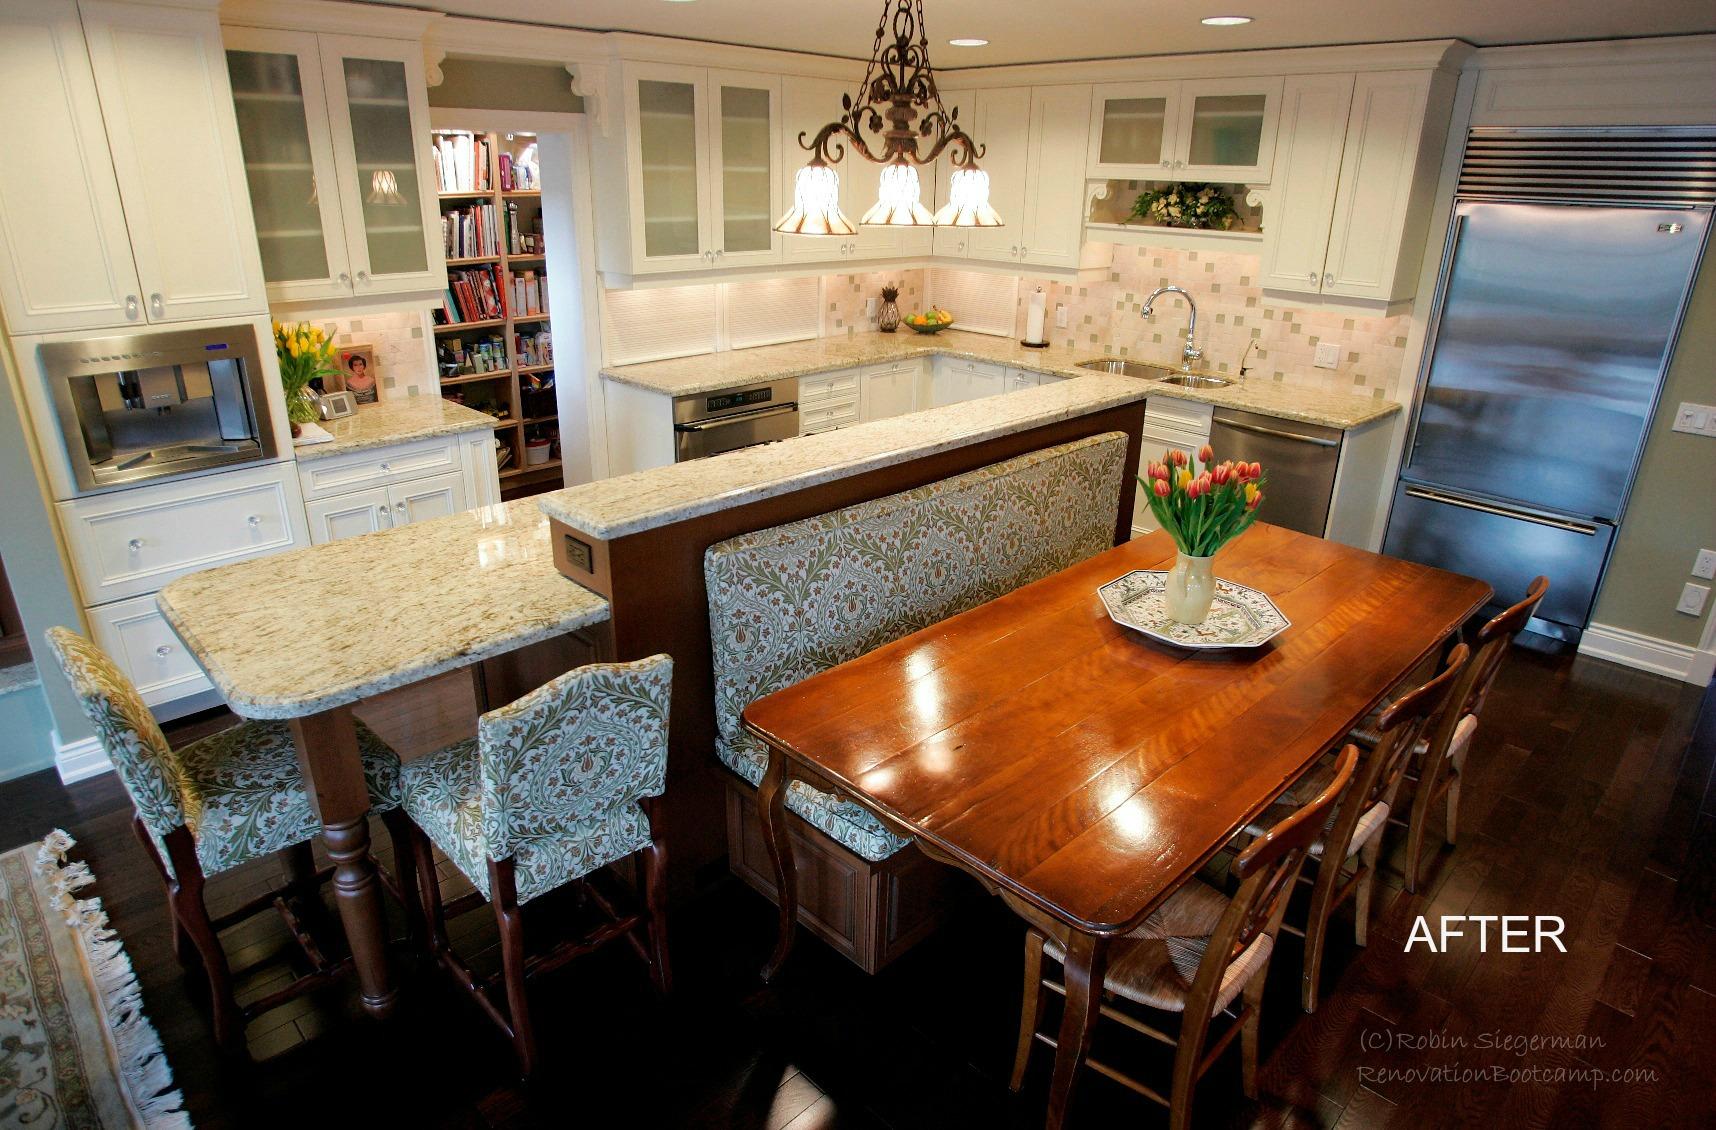 7 rules under cabinet lighting kitchen cabinet lights Undercabinet lighting illuminates the work surface sieguzi